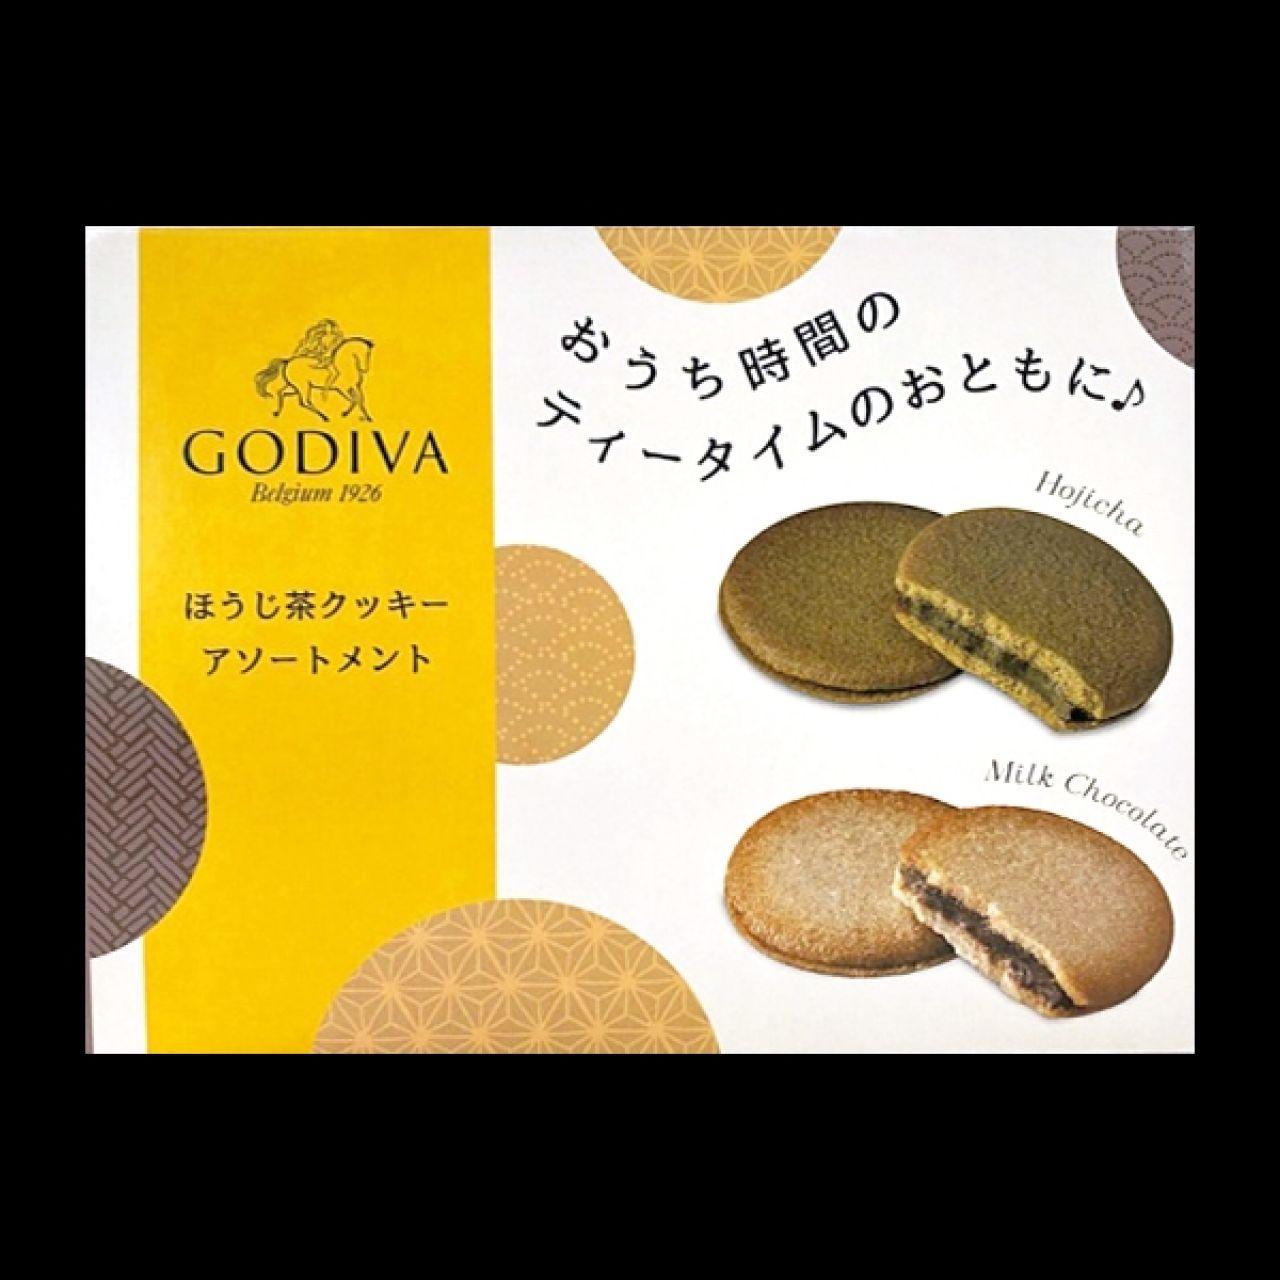 アソート ゴディバ クッキー